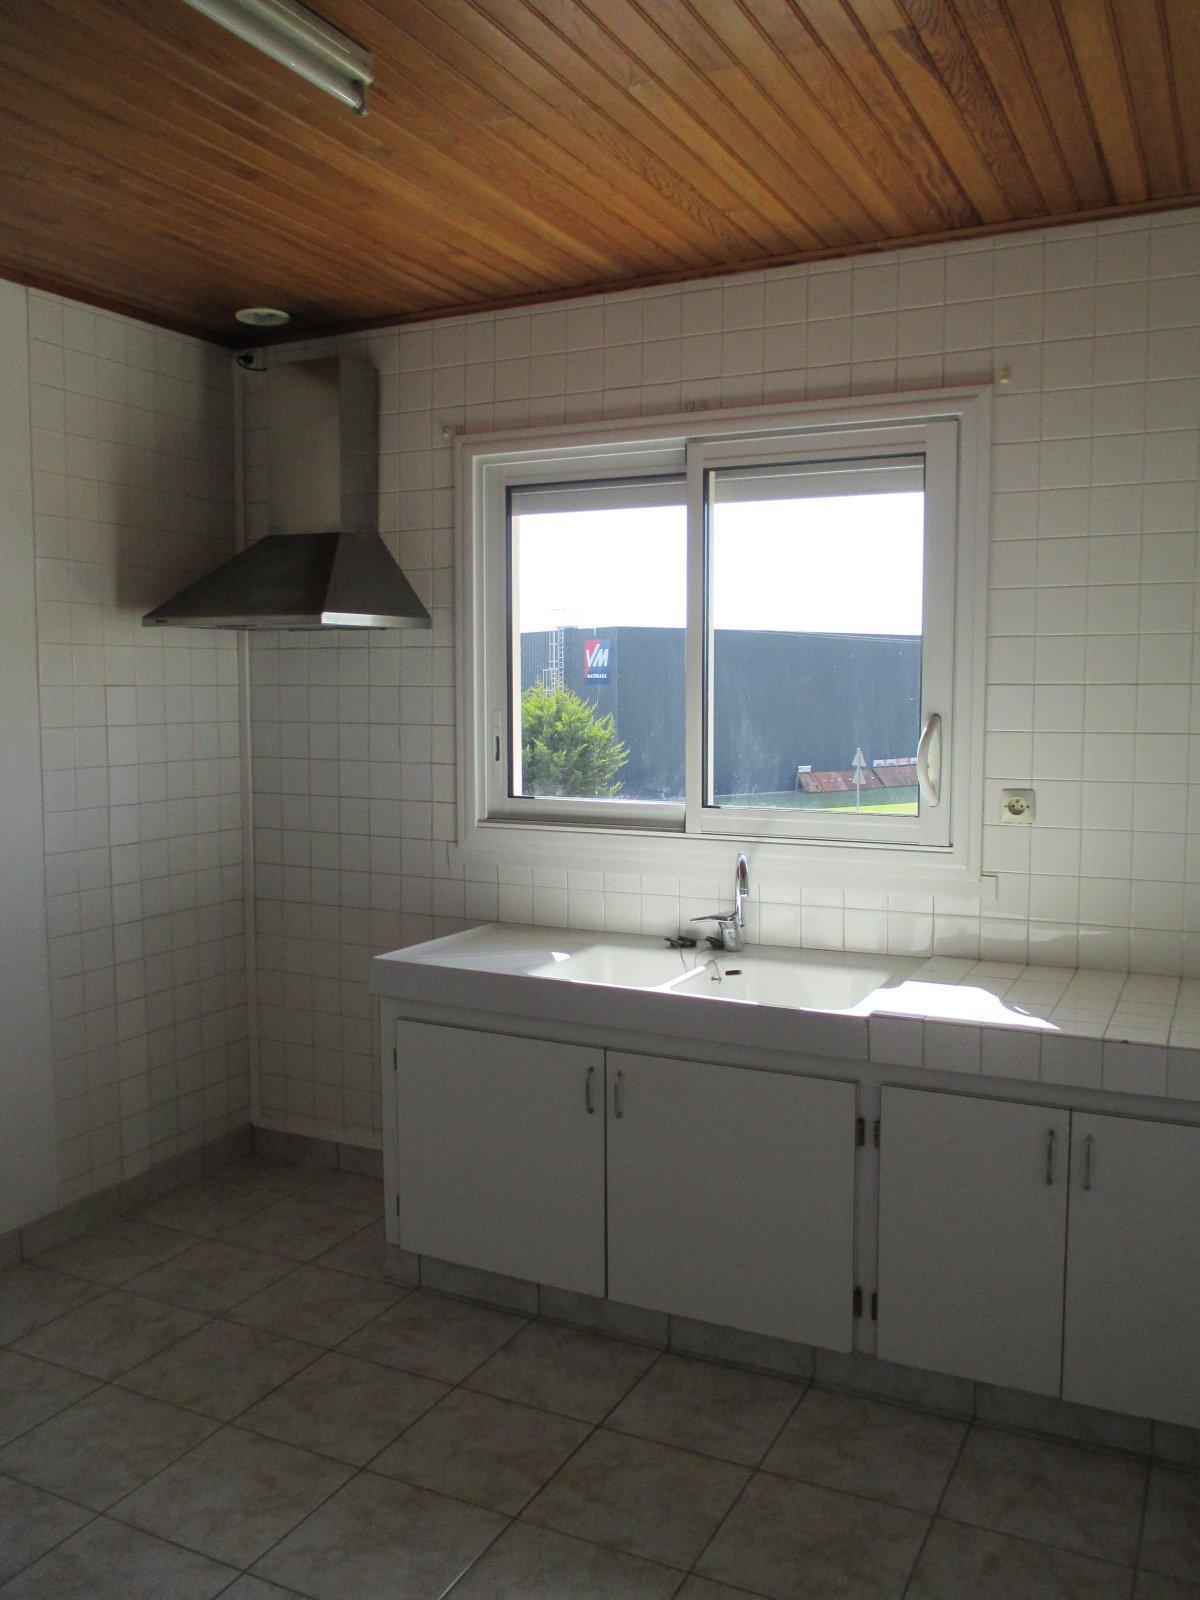 Louzy - Appartement T1 - 35.64 m² (env.)